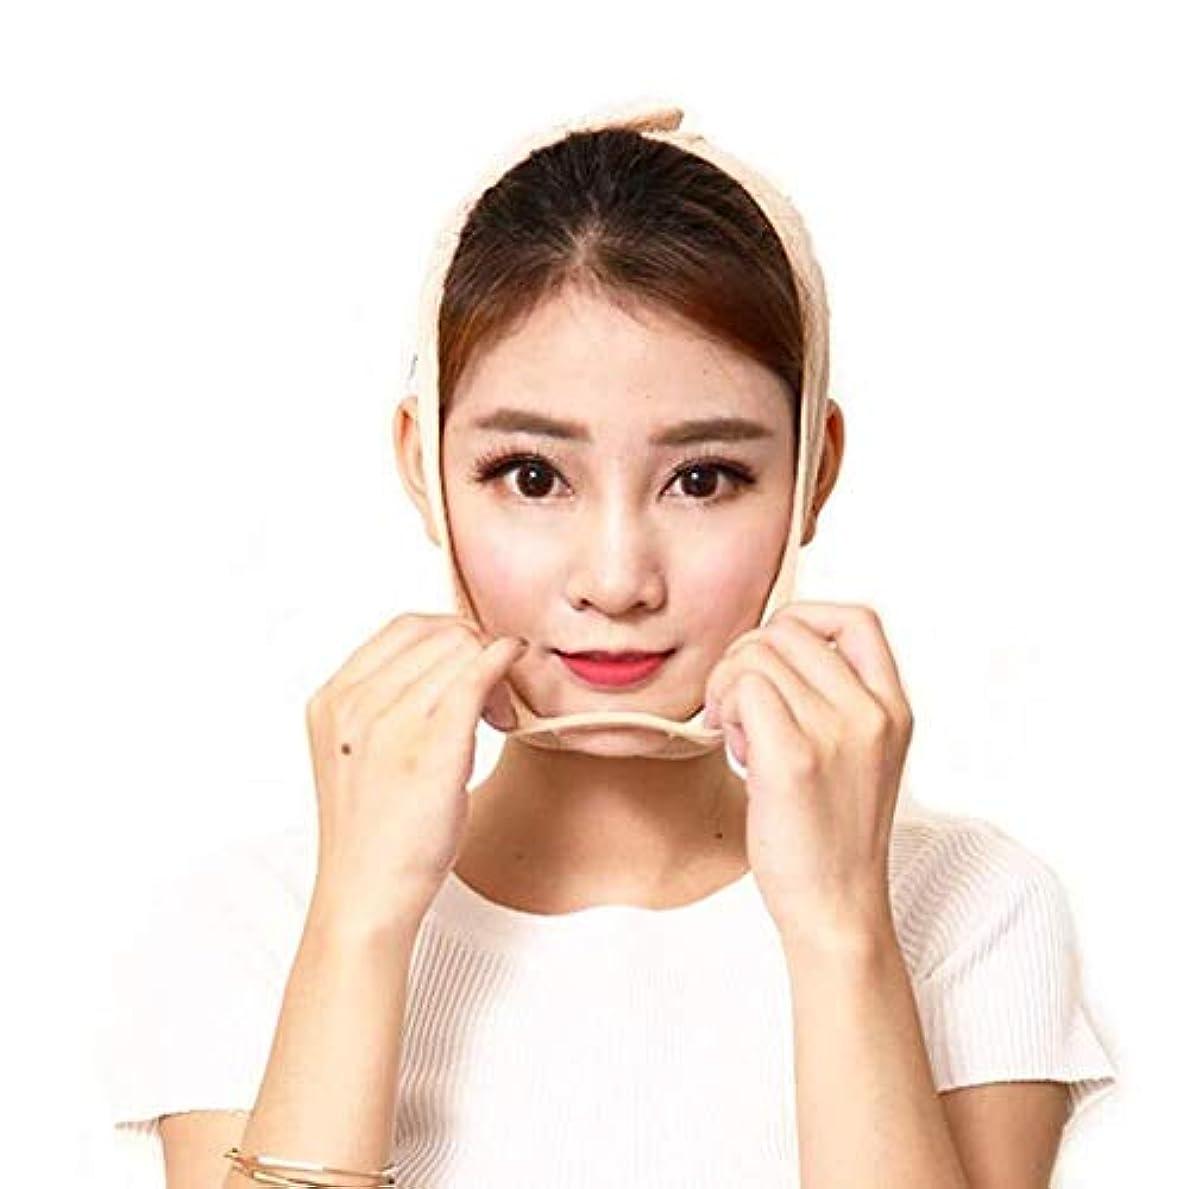 ふさわしい憧れ識別するJN フェイスリフティングベルト、美容薄い顔は、弾性包帯フェイシャルファーミング収縮二重あごスリープ薄い顔アーティファクトリフティングマスク たるみ防止マスク